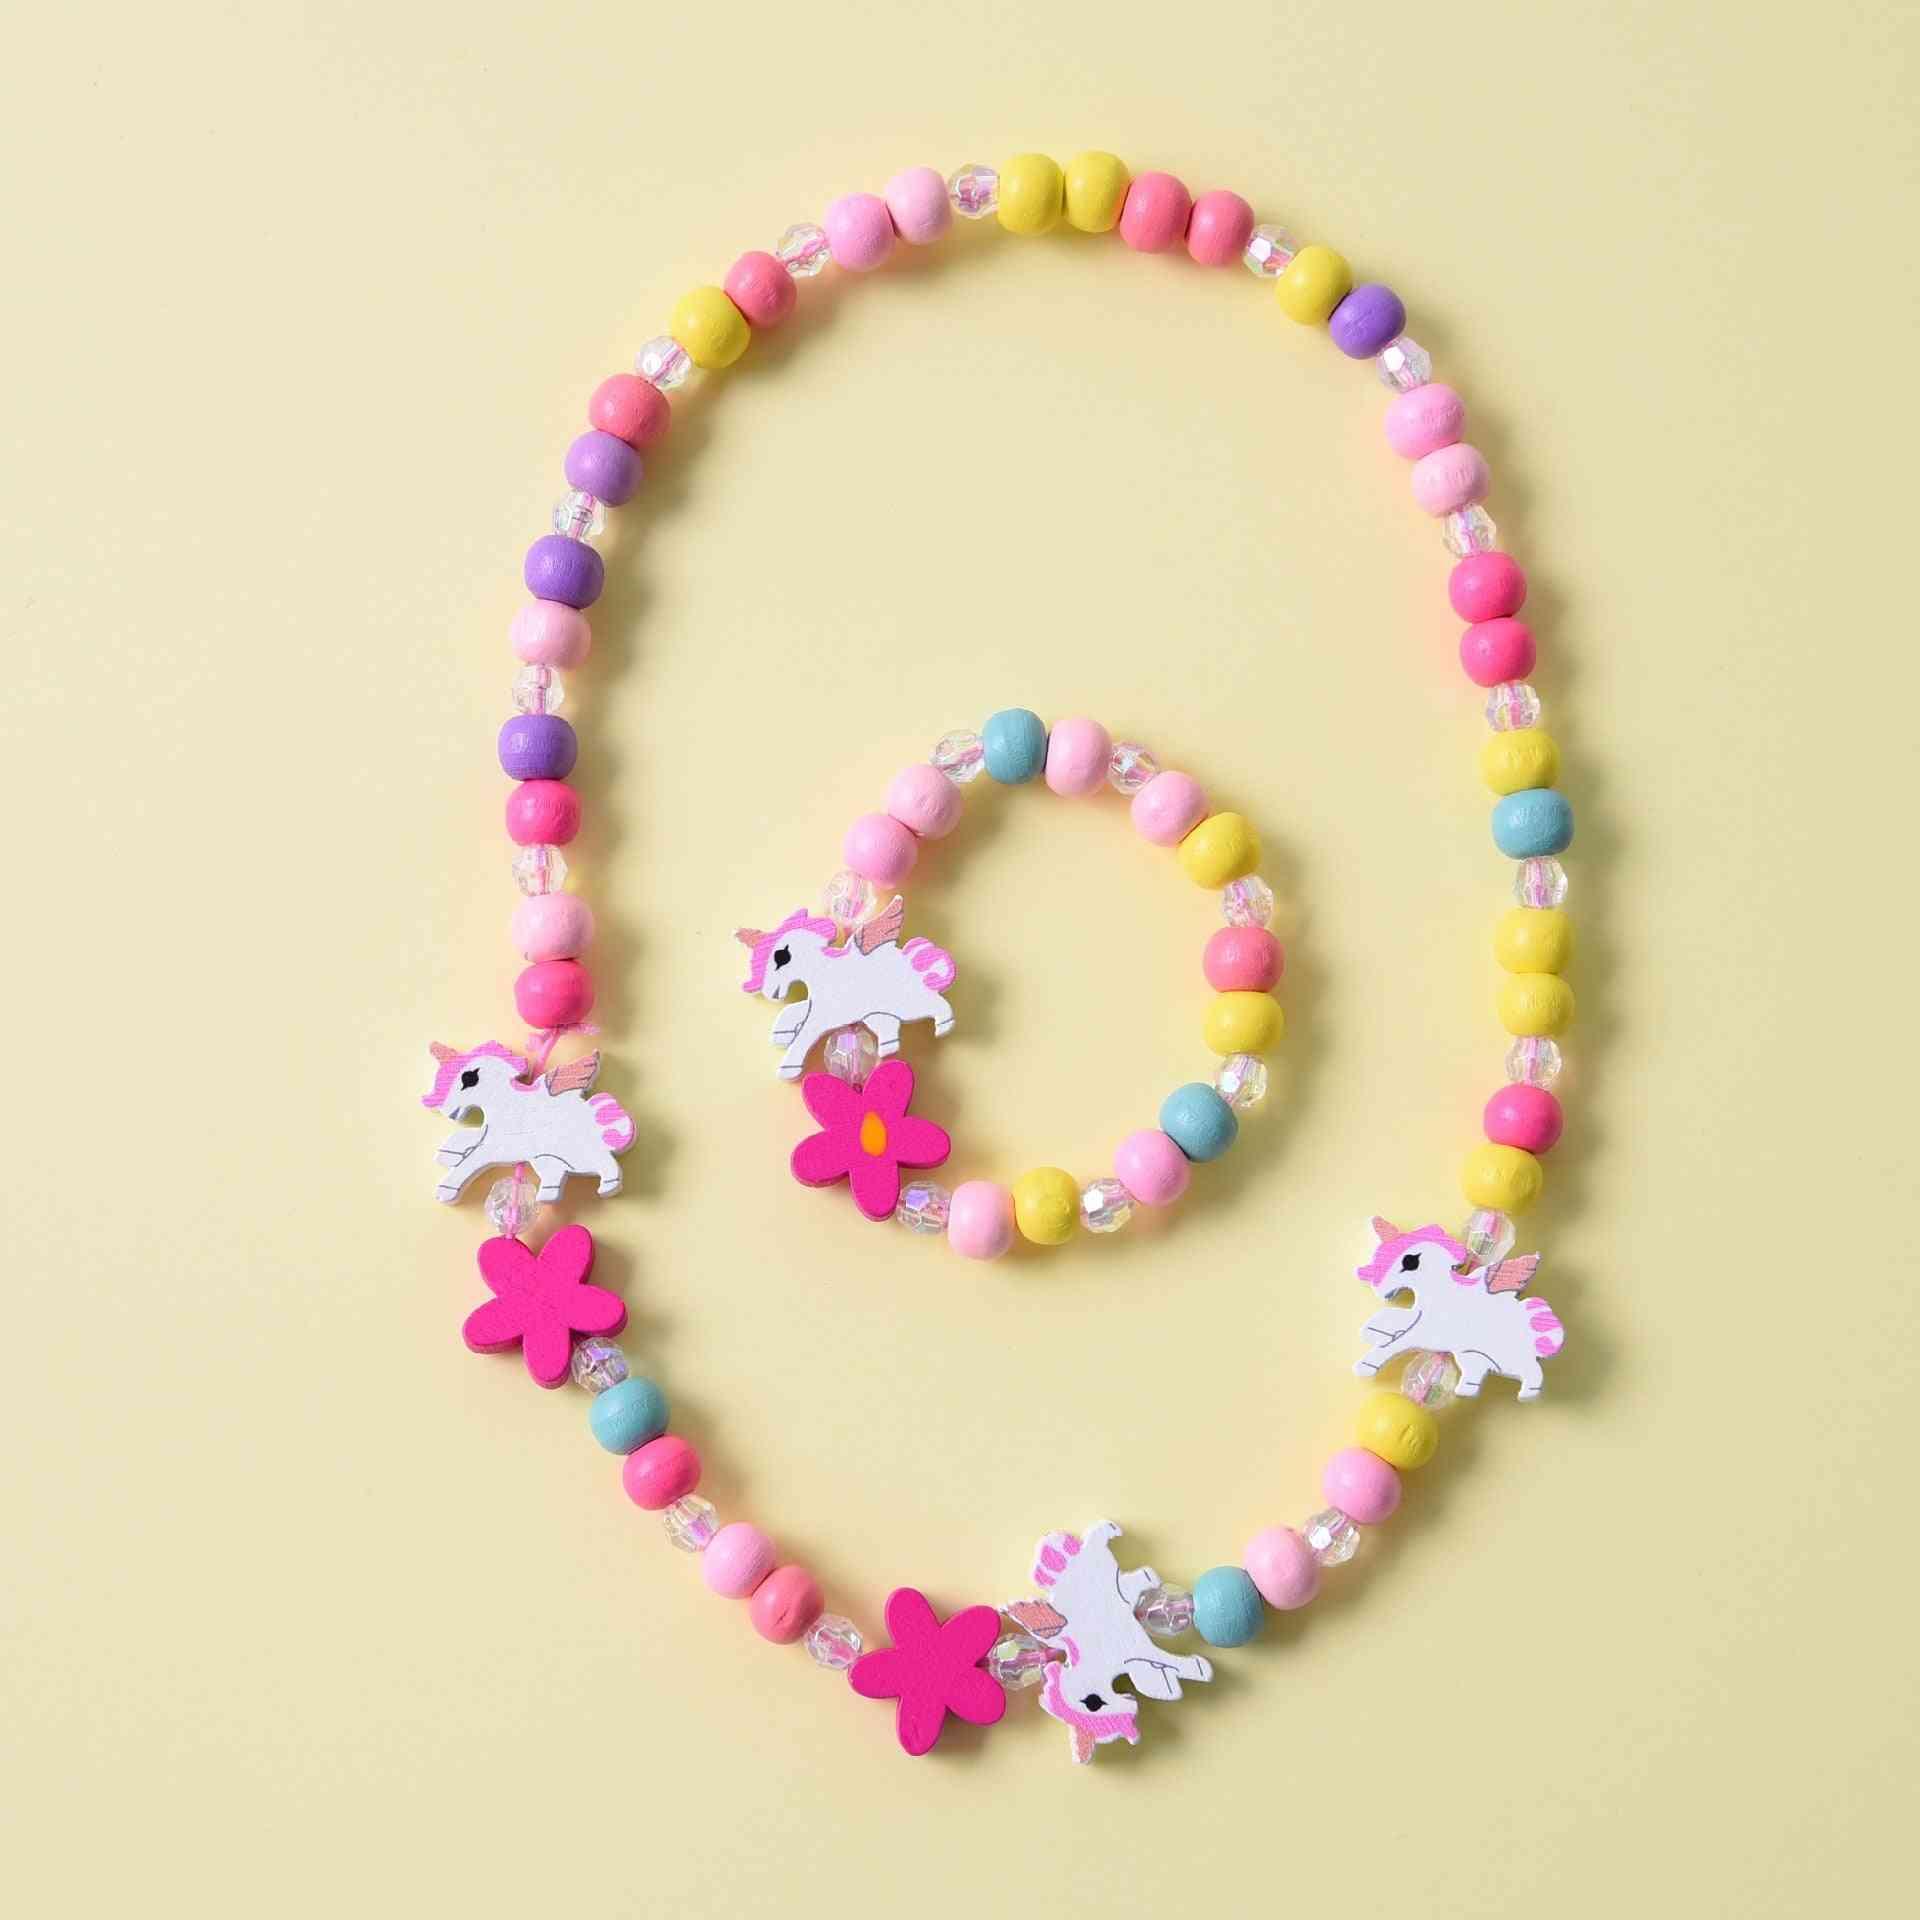 Wooden Flower Necklace Bracelet